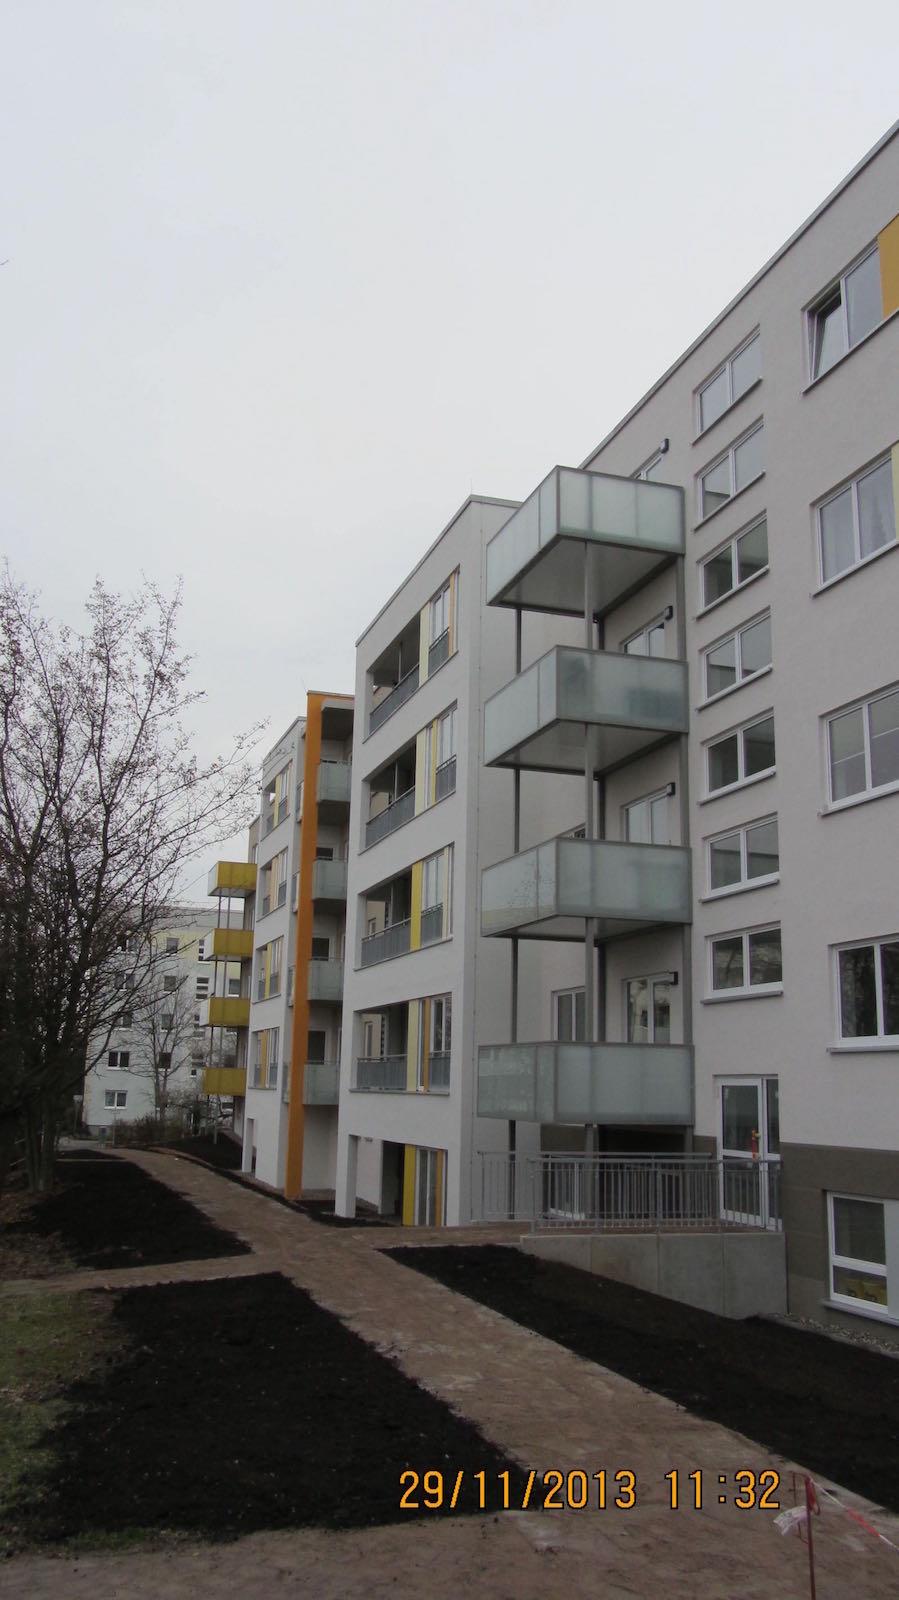 wohnungssanierung-bohnstedtstrasse-gotha-3